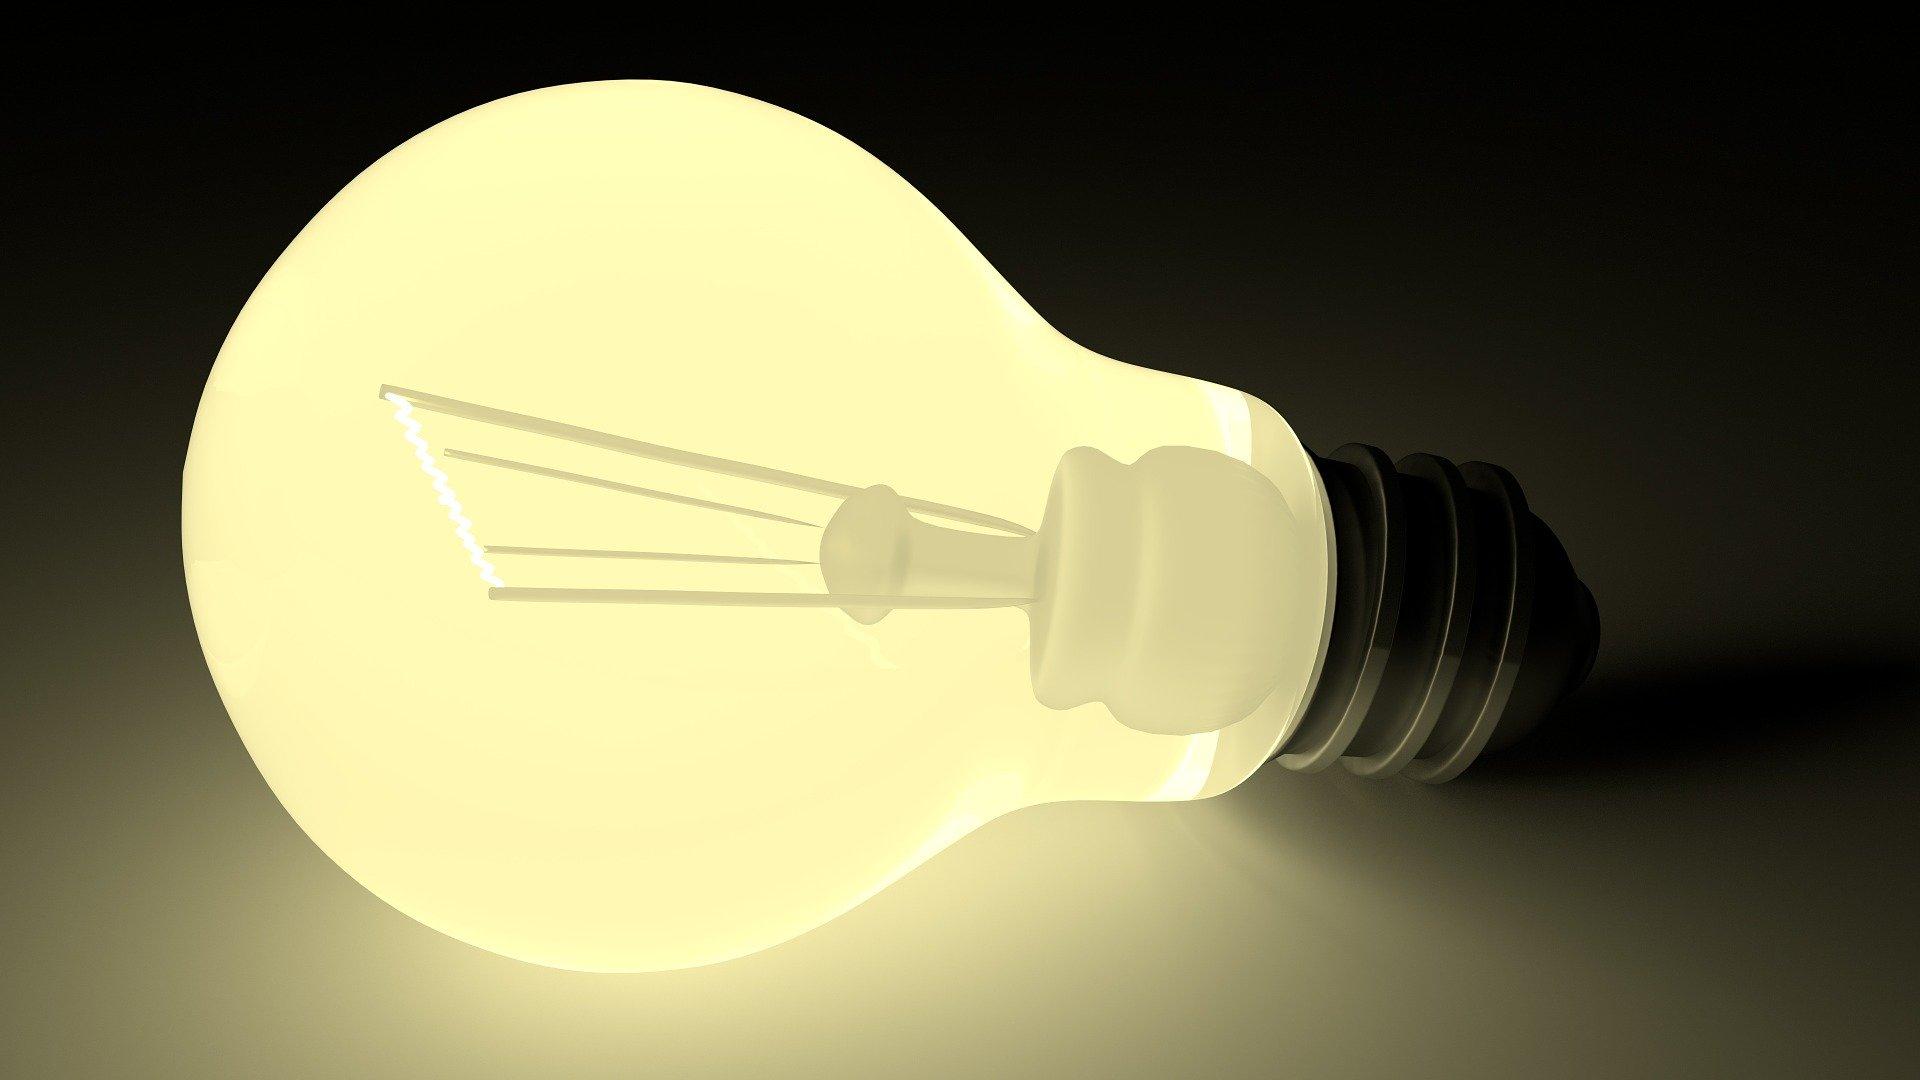 LED-lys er billigst i 2020